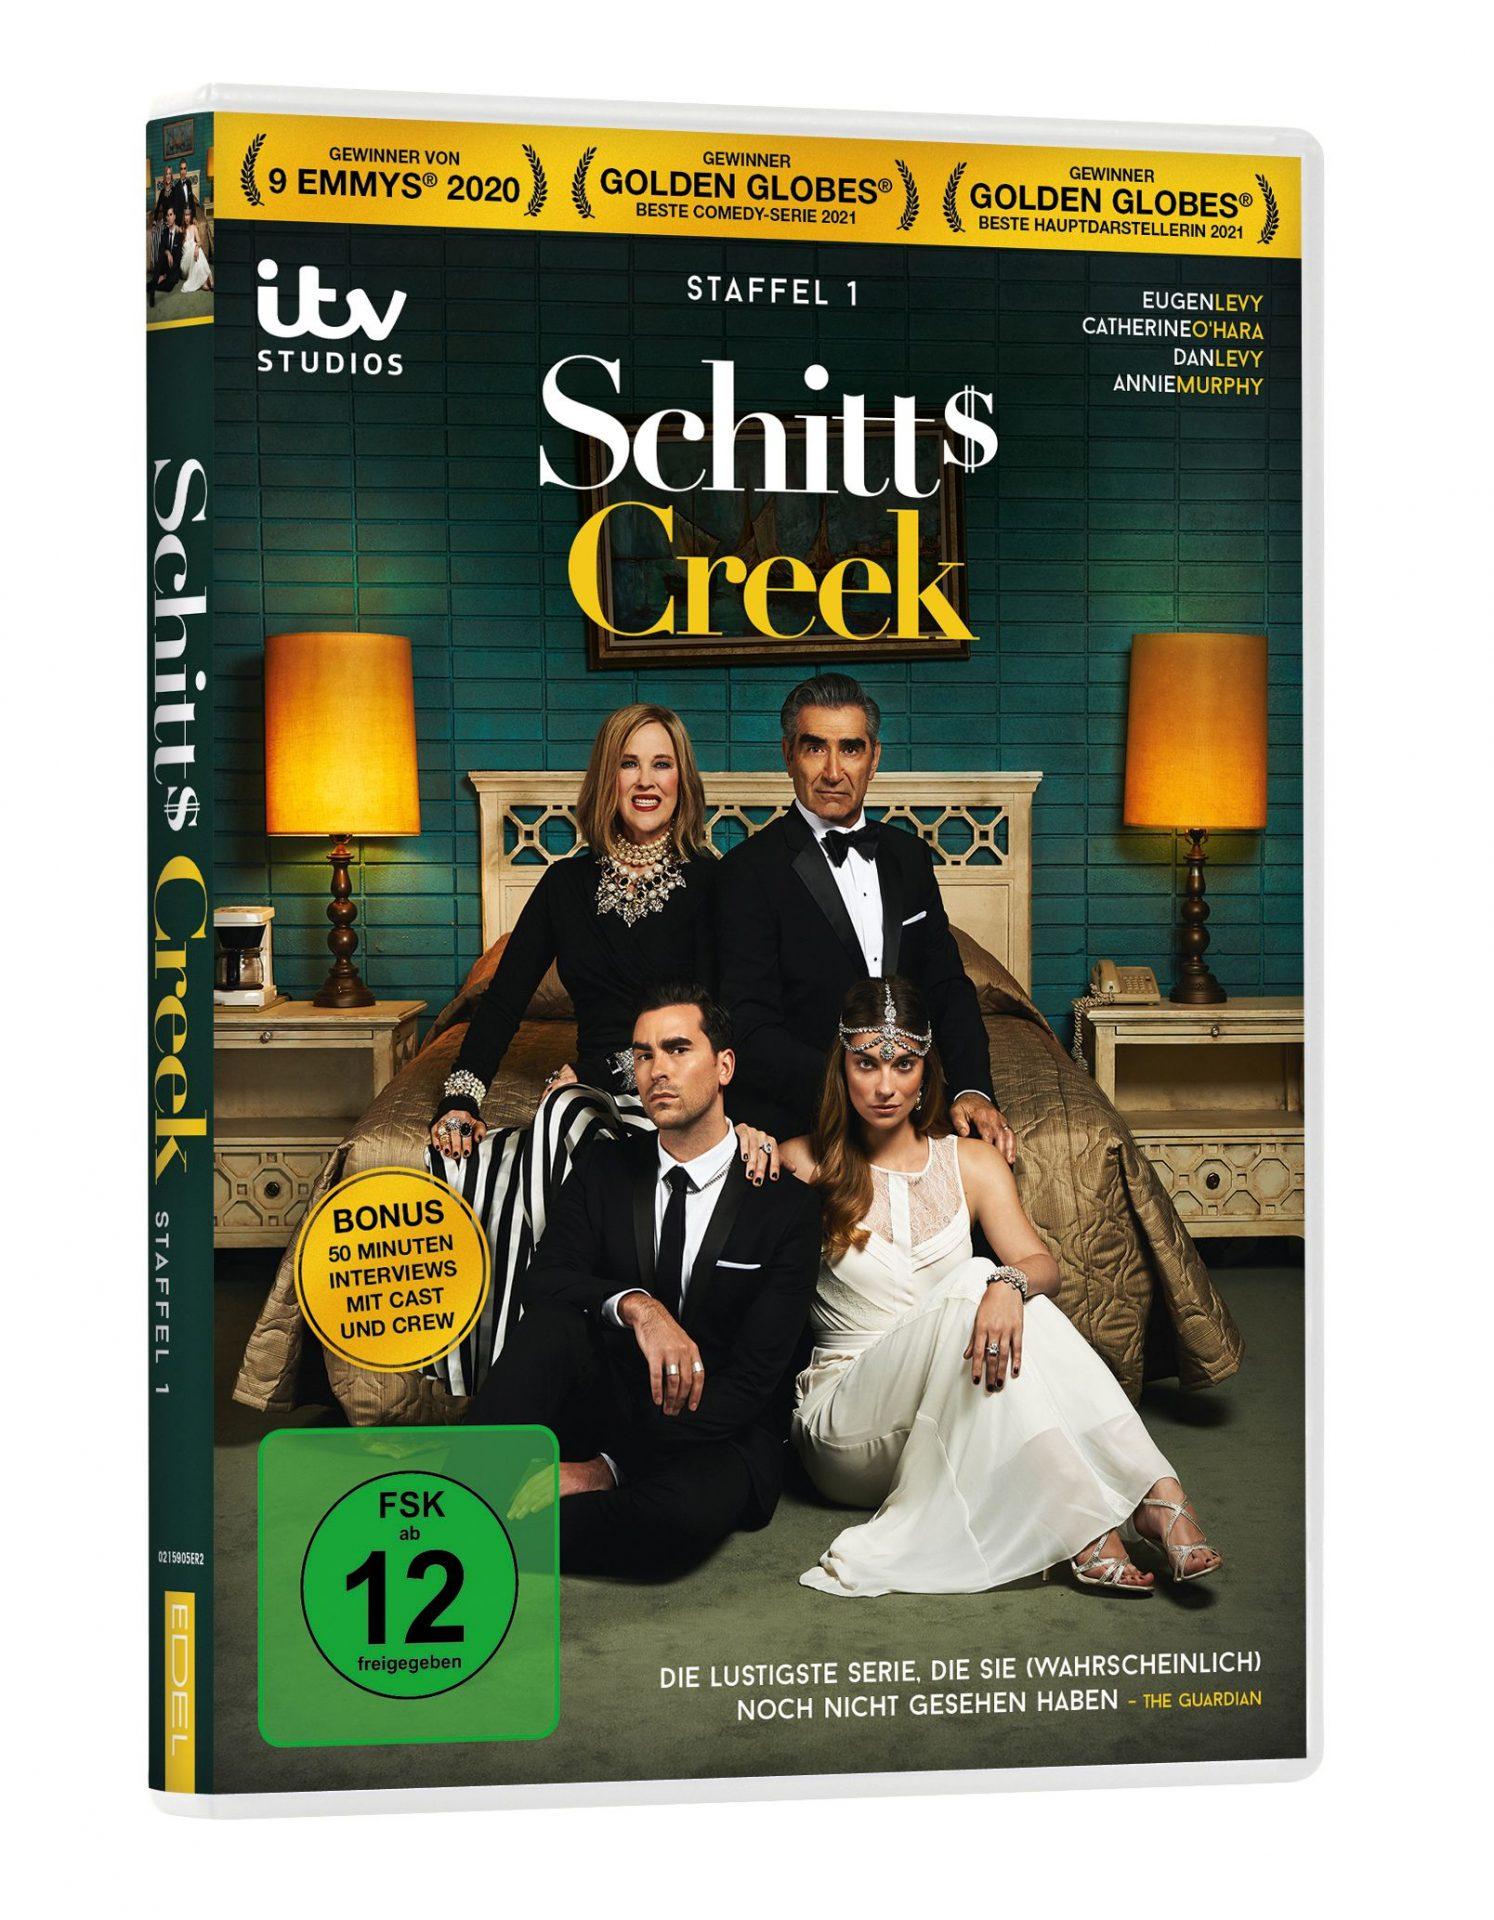 1. Staffel der vielfach preisgekrönten kanadischen TV-Comedy-Serie Schitt's Creek